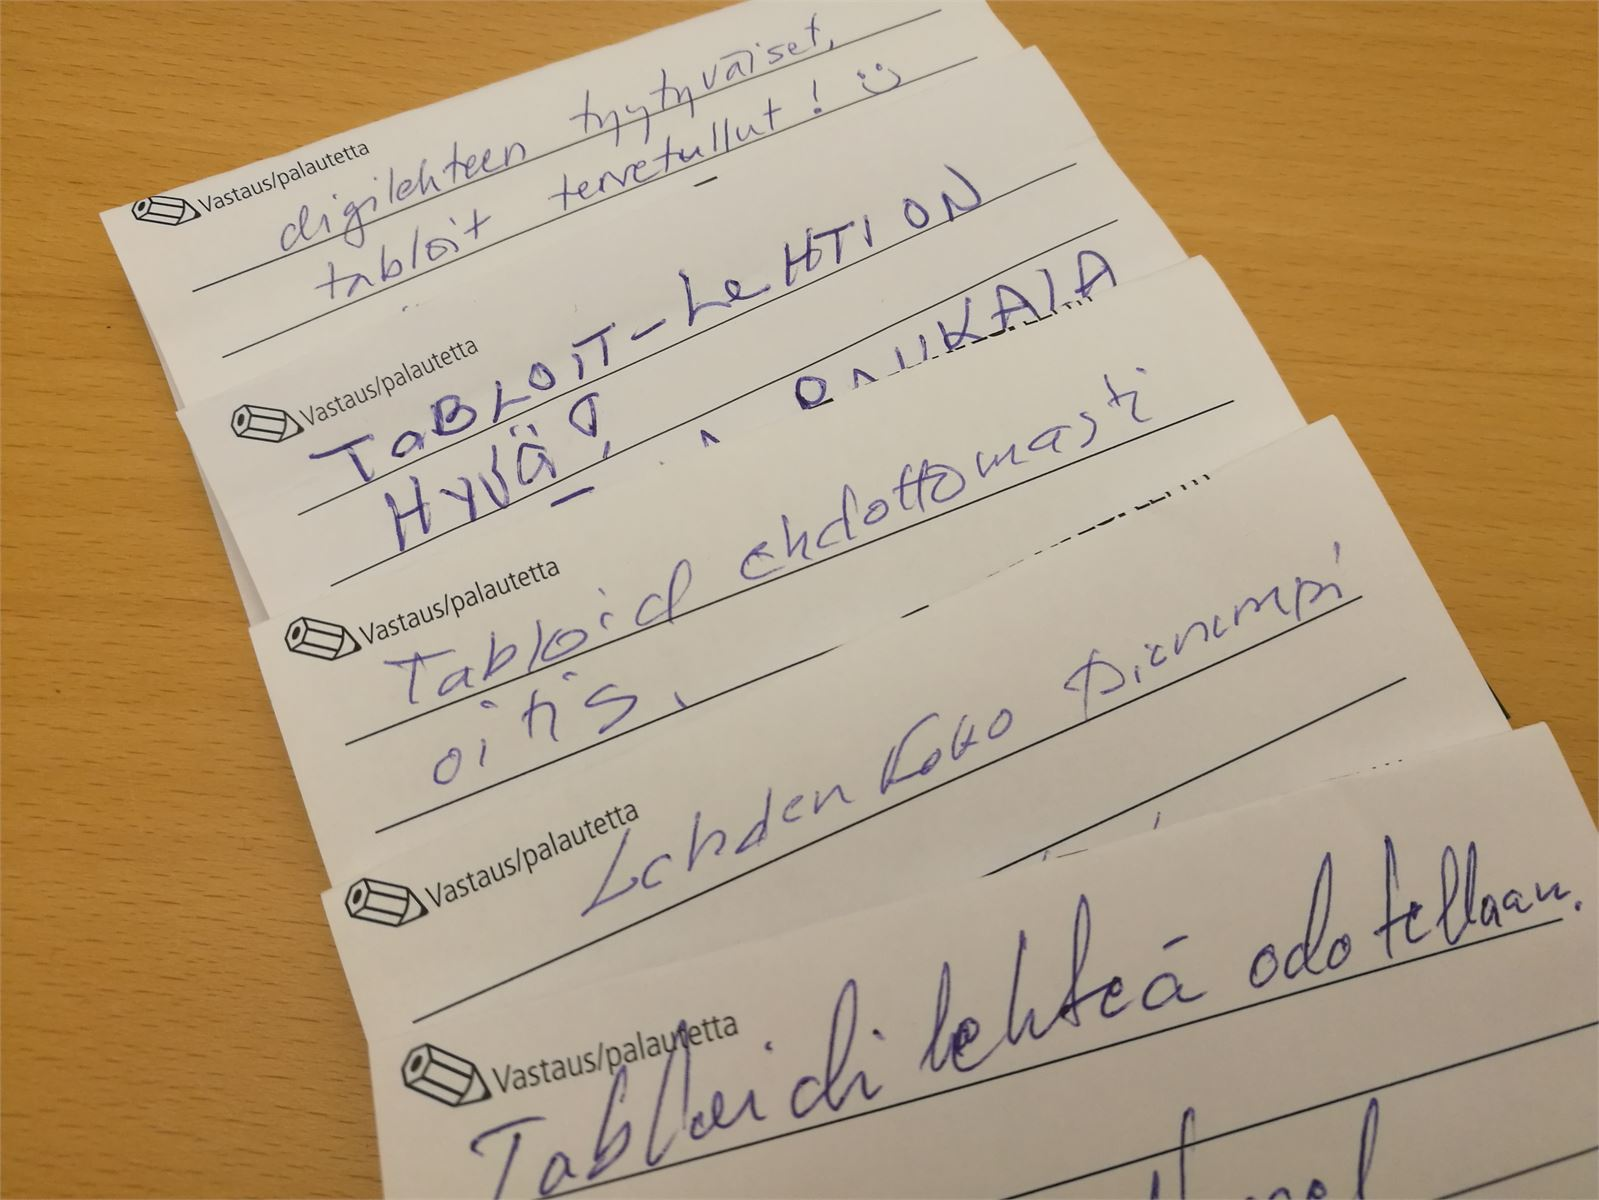 Muutamia lukijoiden kommentteja tabloidiin liittyen.